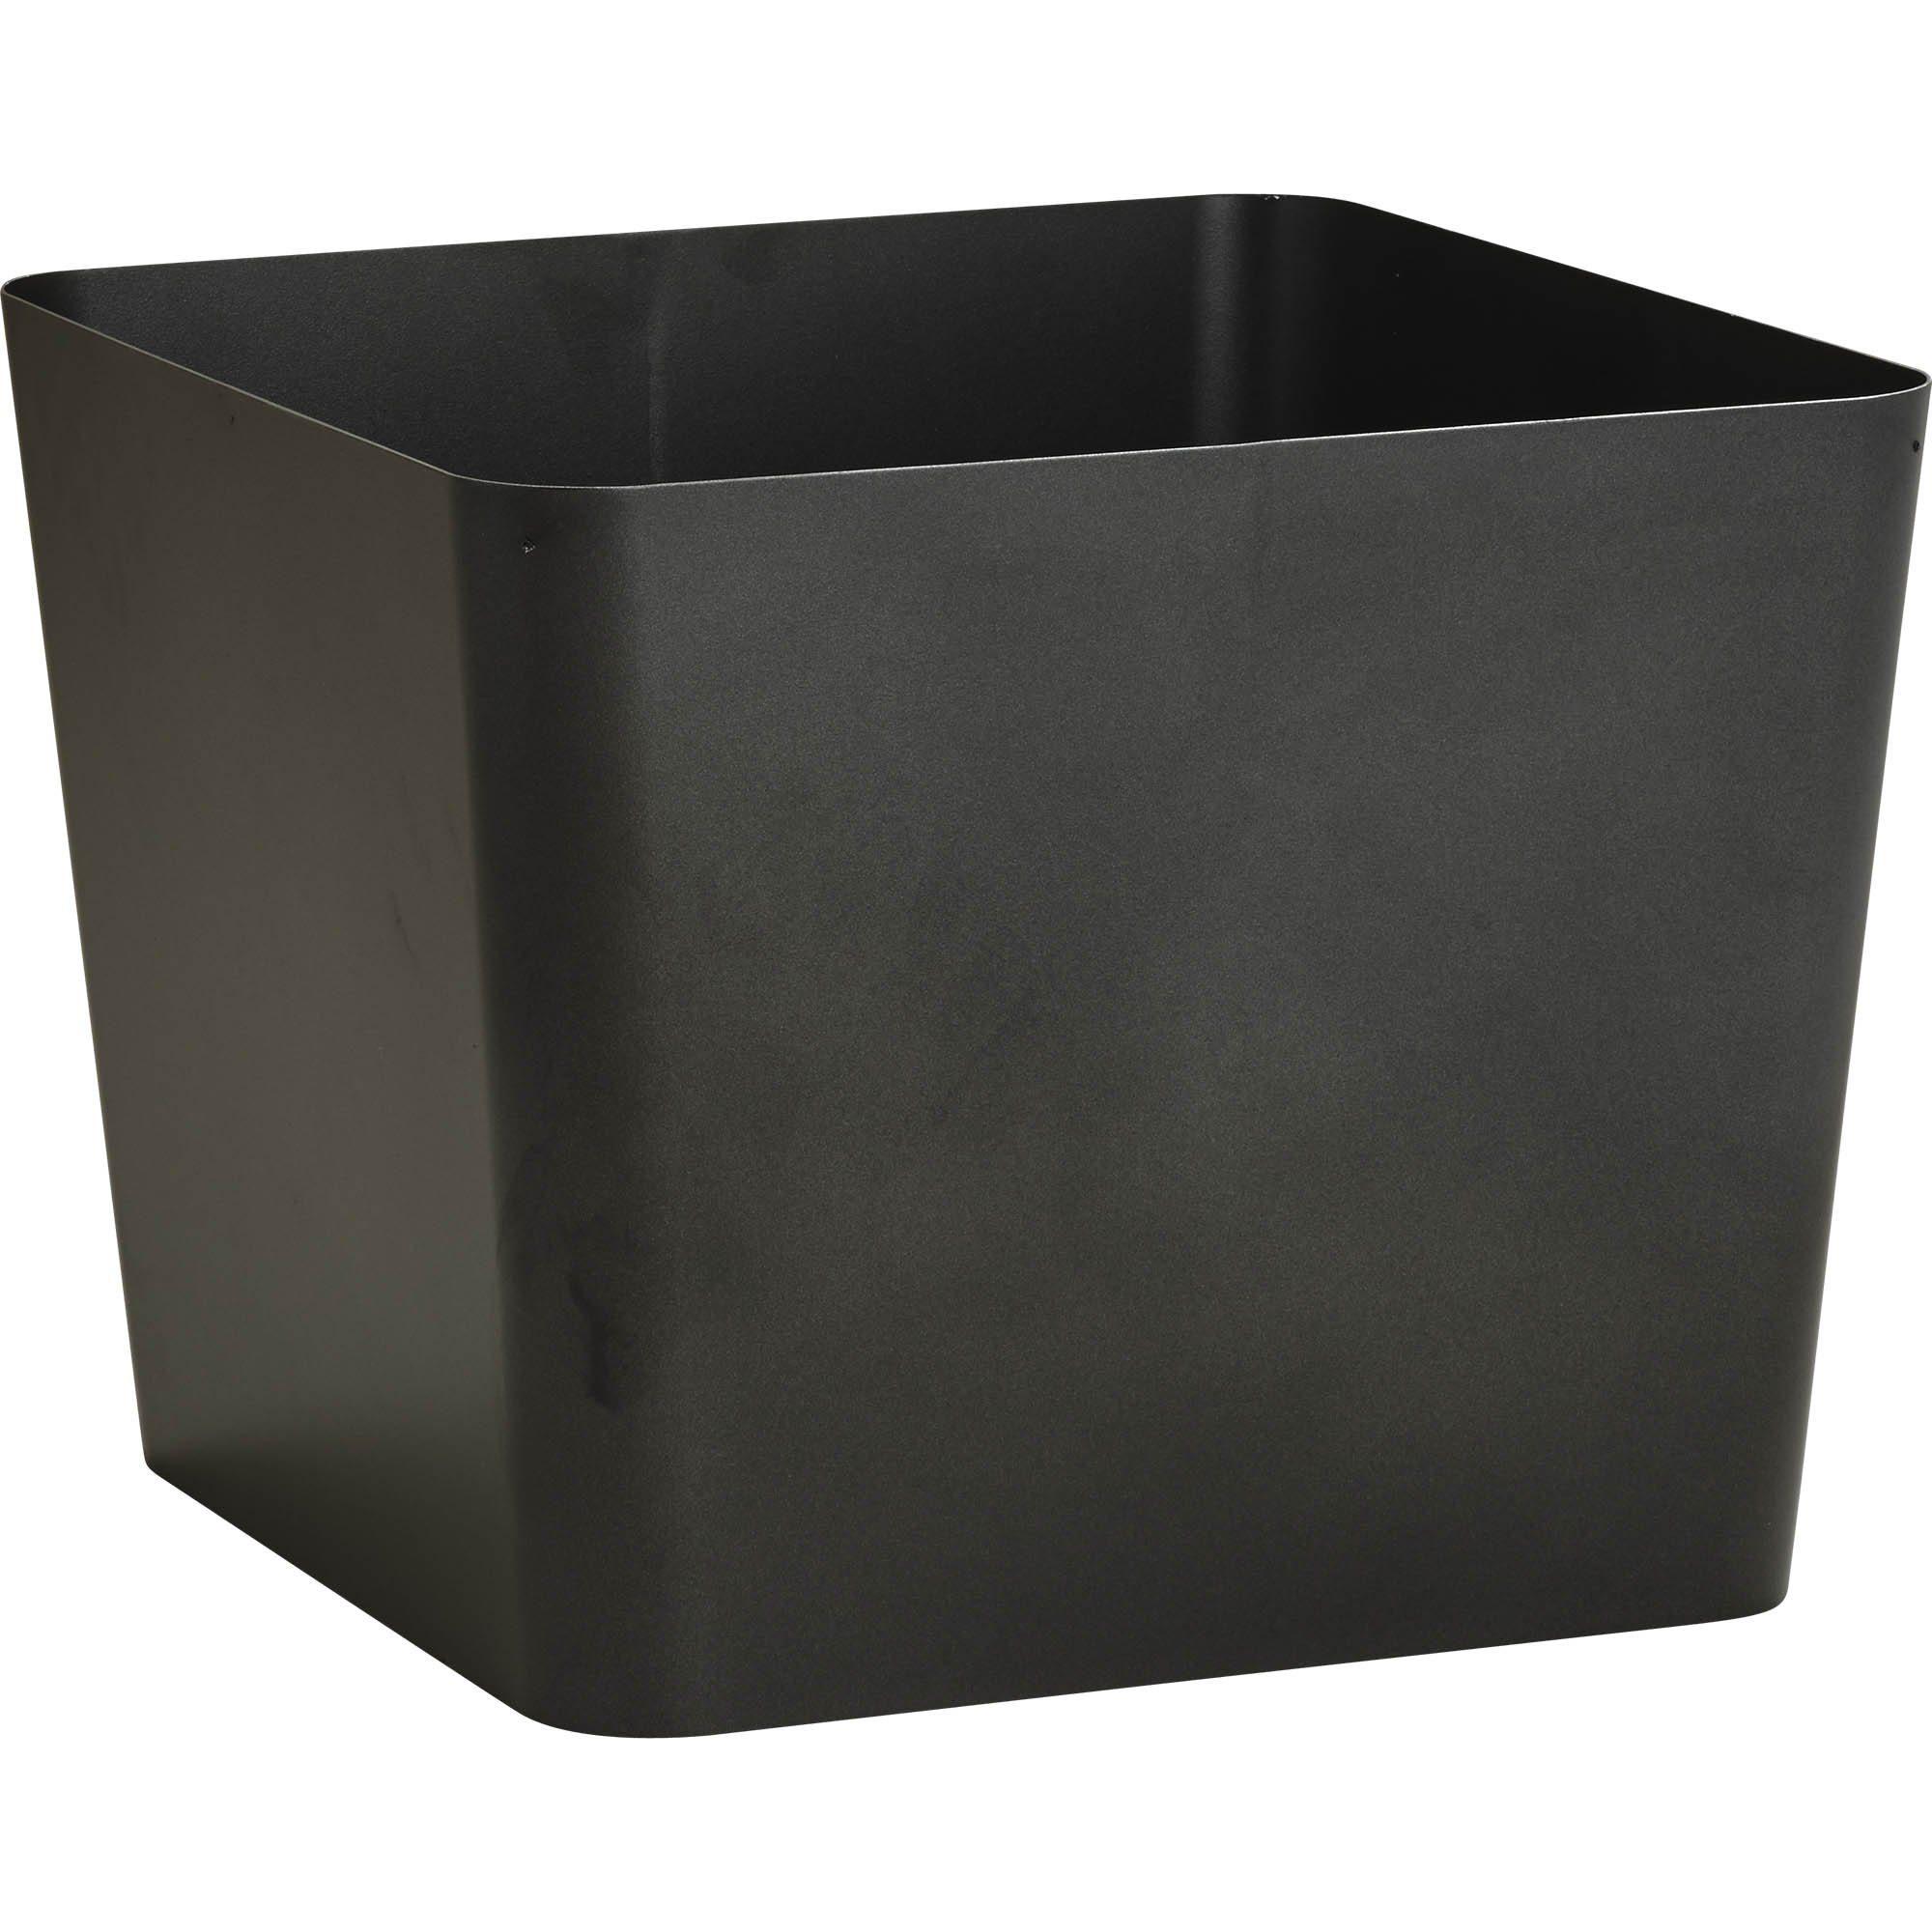 Innerkruka i aluminium till Flowerbox från Cane-Line.